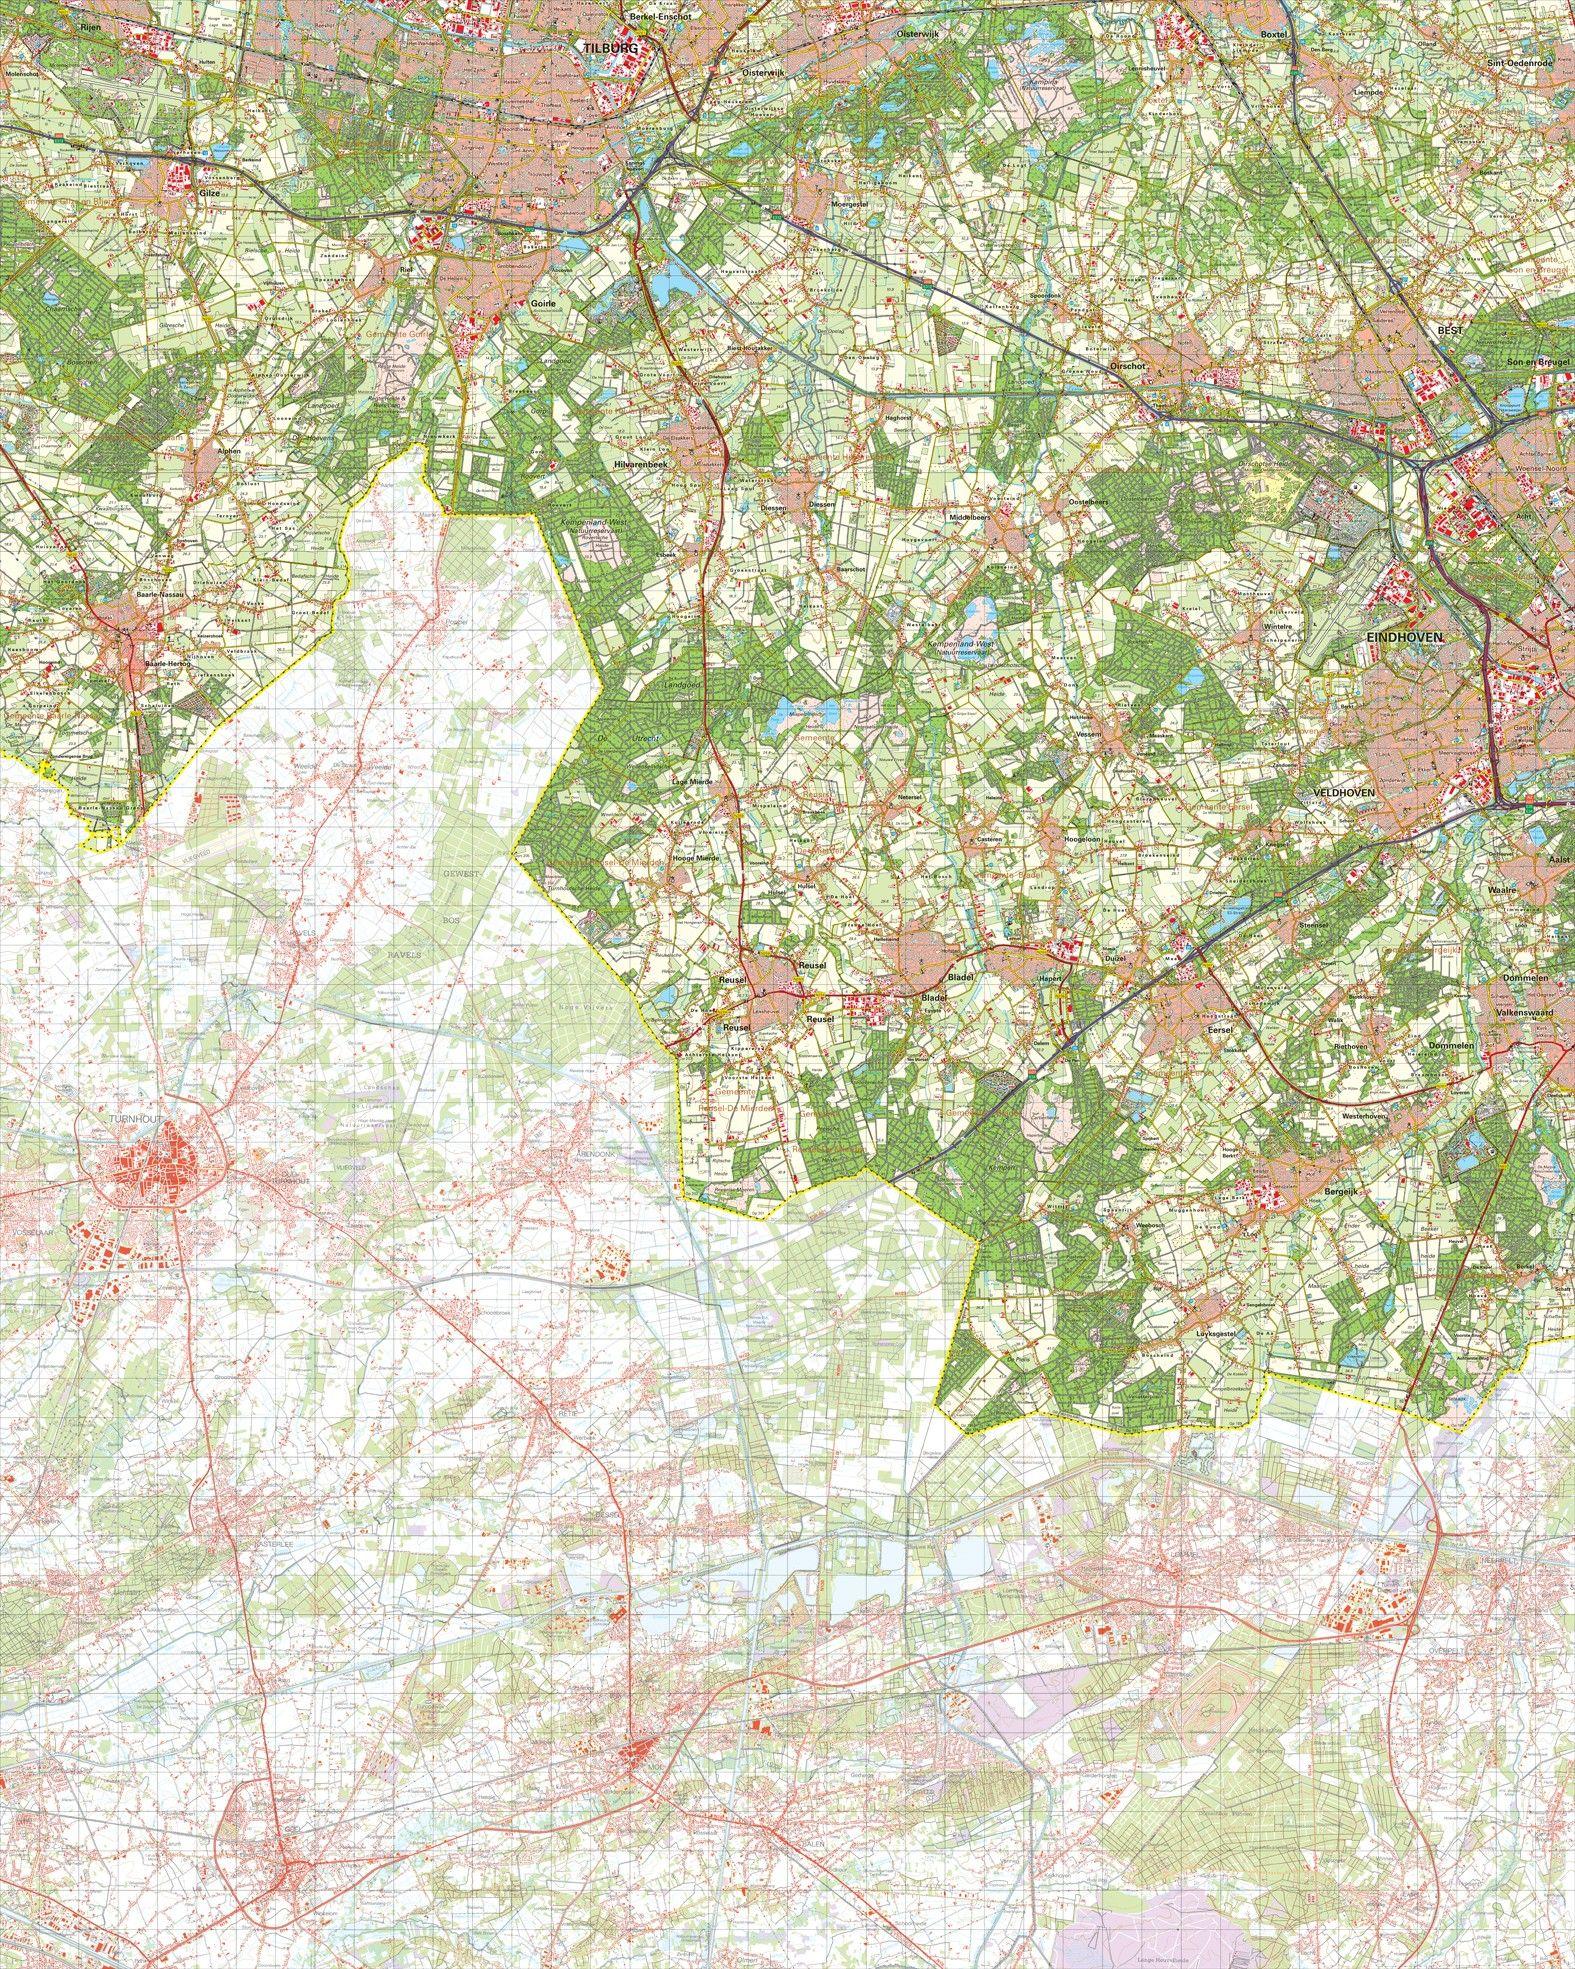 Topografische kaart schaal 1:50.000 (Tilburg,Oirschot,Best,Eindhoven,Bladel)